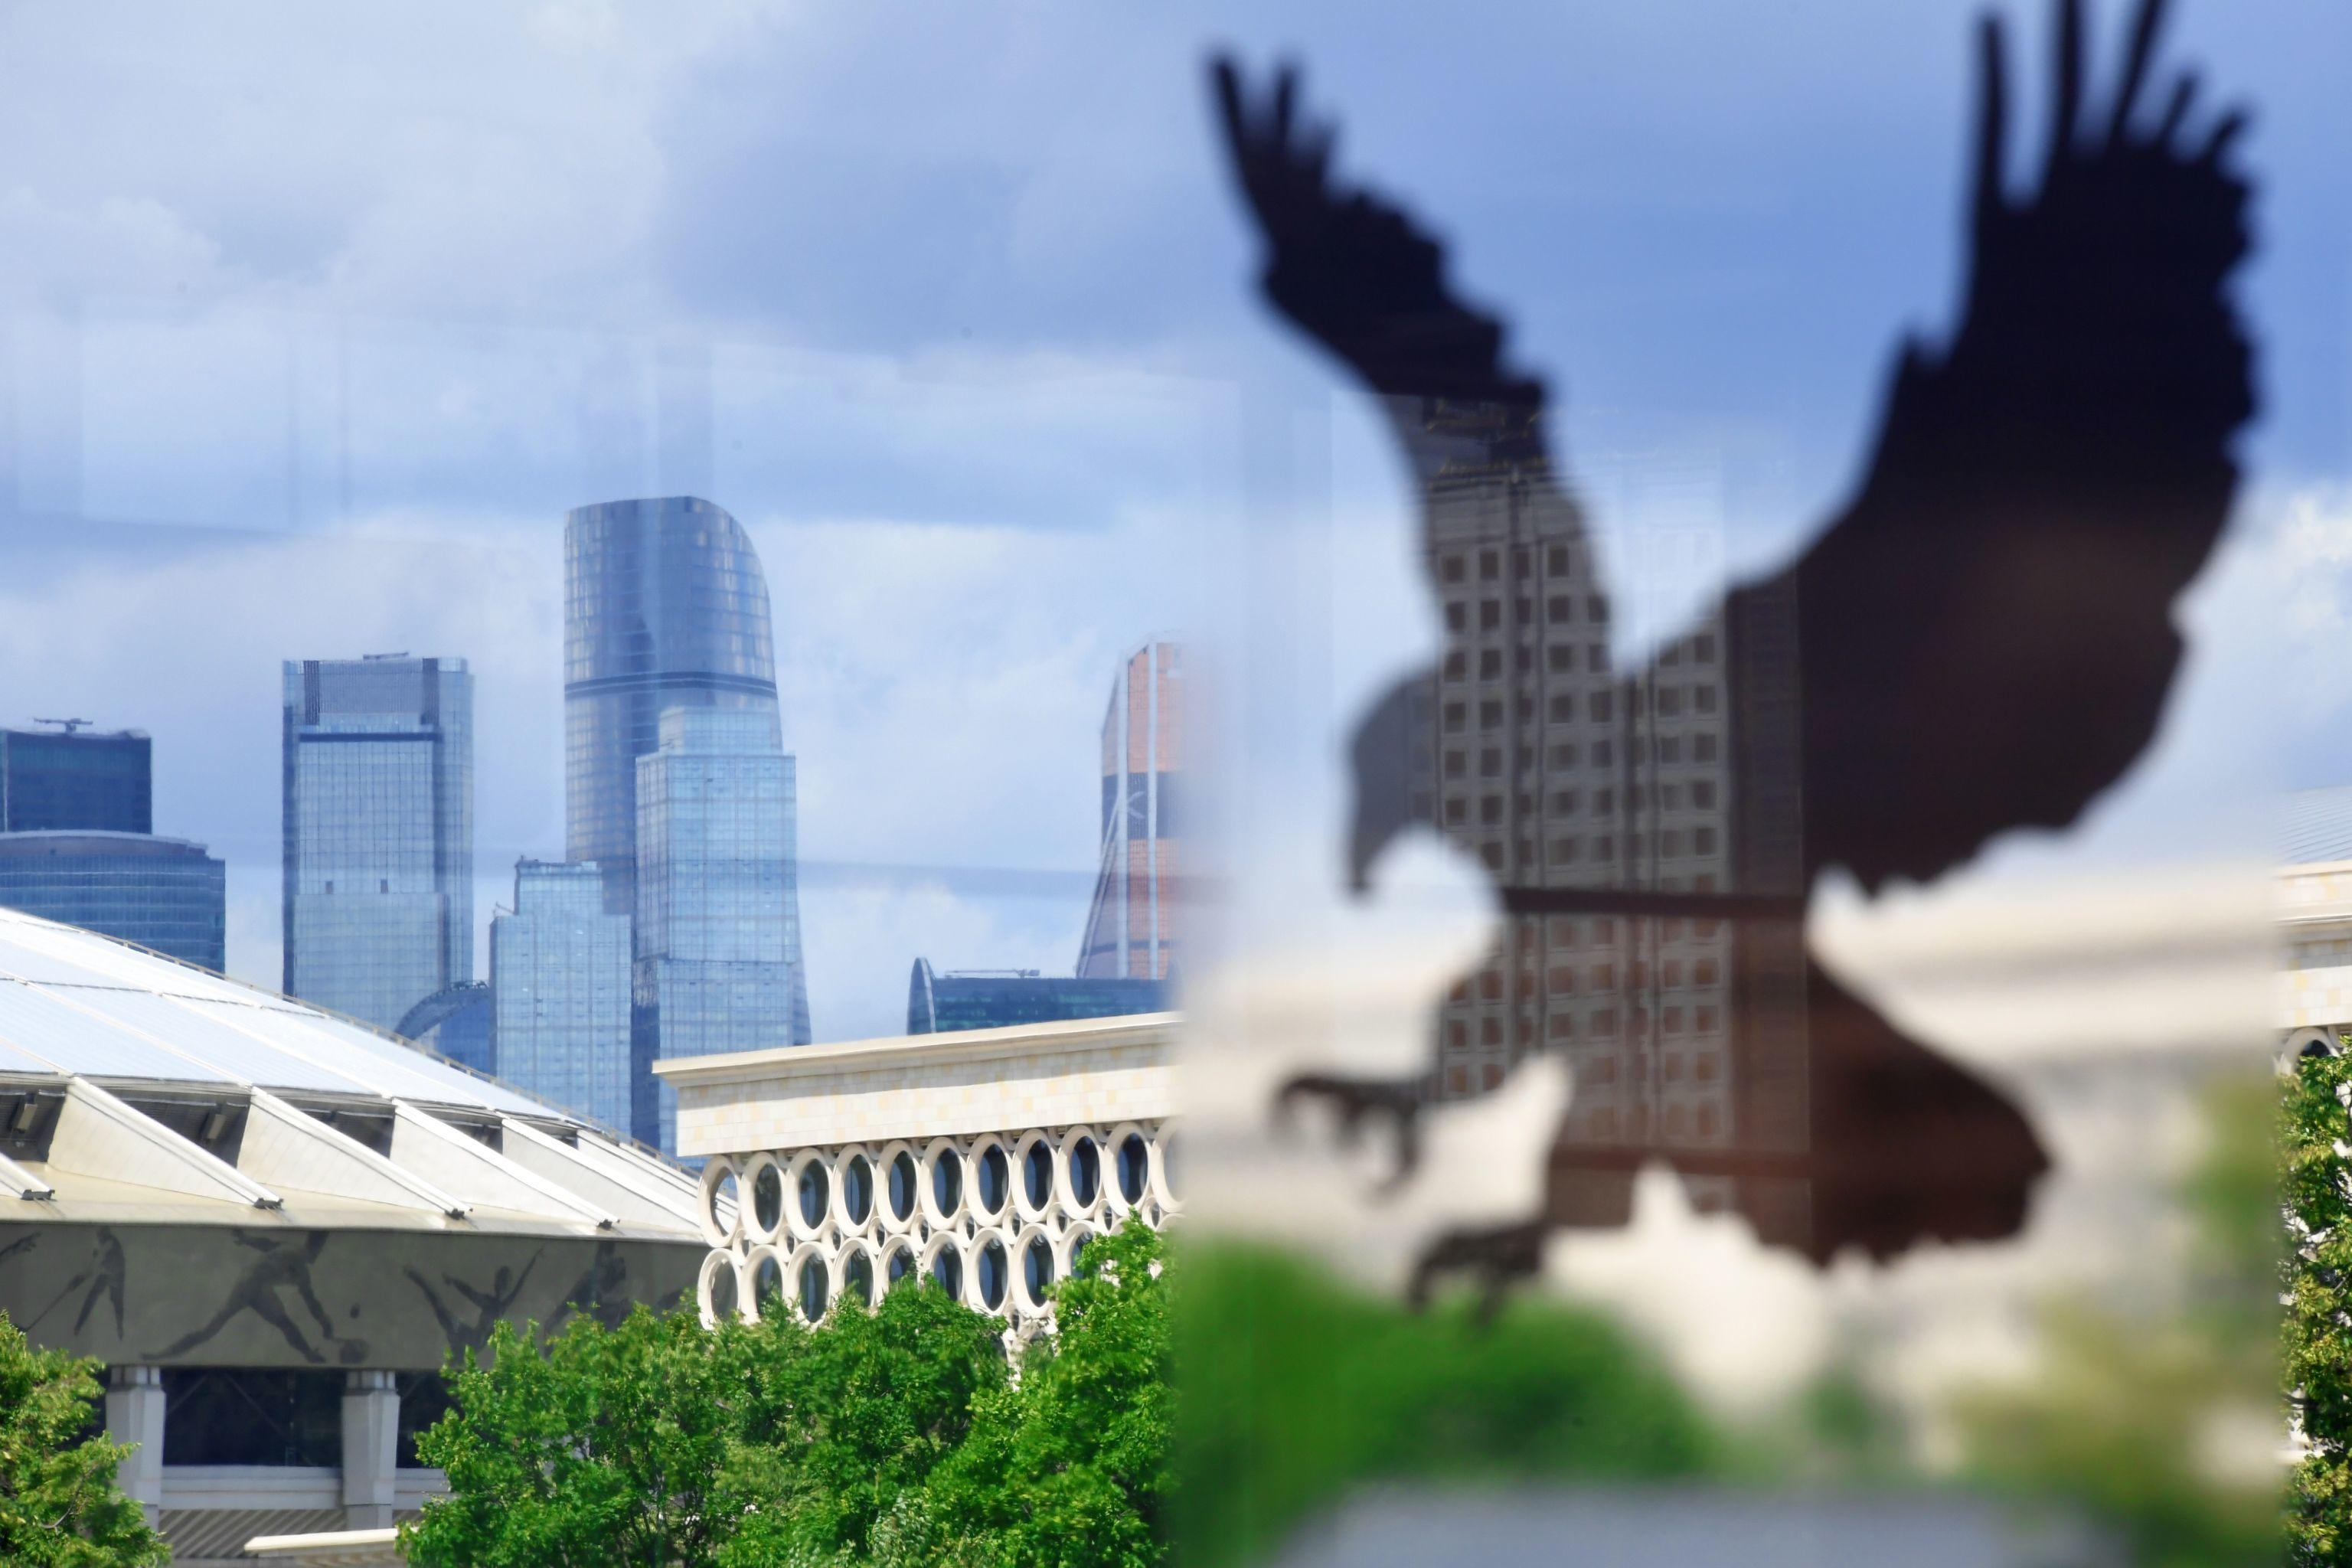 Pegatinas con imágenes de aves depredadoras para ahuyentar a los pájaros en uno de los edificios de Moscú